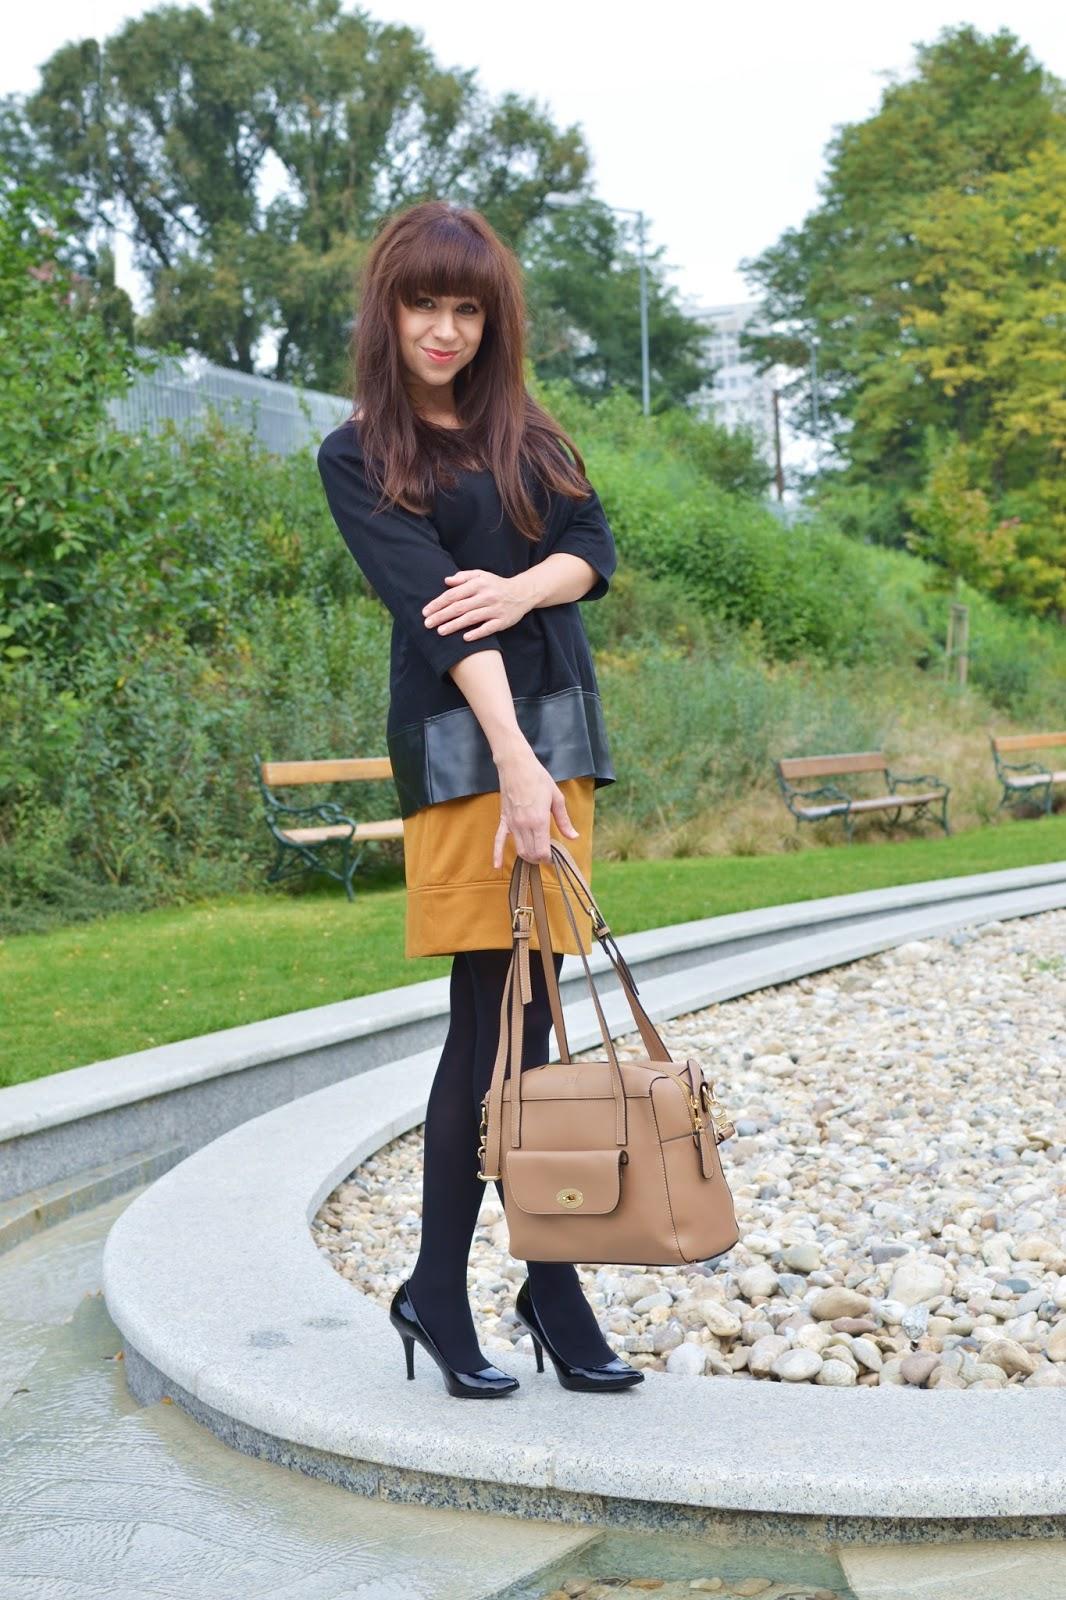 Welcome to Wienna_Katharine-fashion is beautiful_Čierne lakované lodičky_Čierne pančuchy_Žltá sukňa_Katarína Jakubčová_Fashion blogger